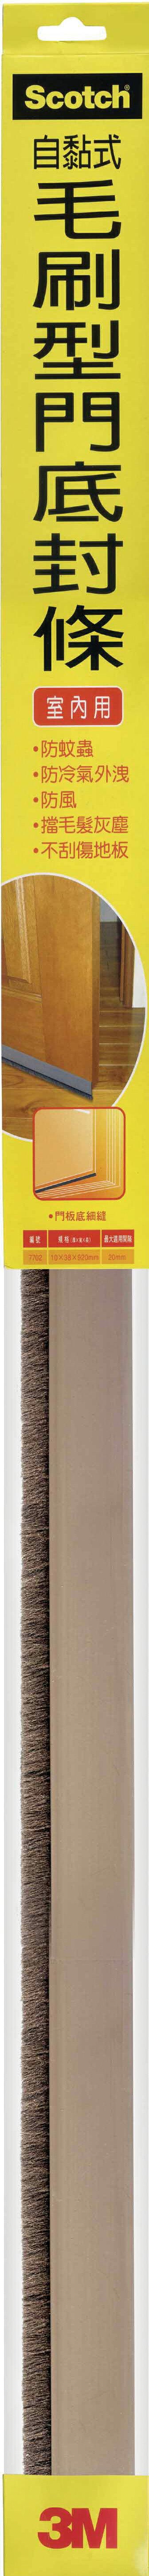 【3M】7702 隔音防撞泡棉系列 自黏毛刷型門底封條